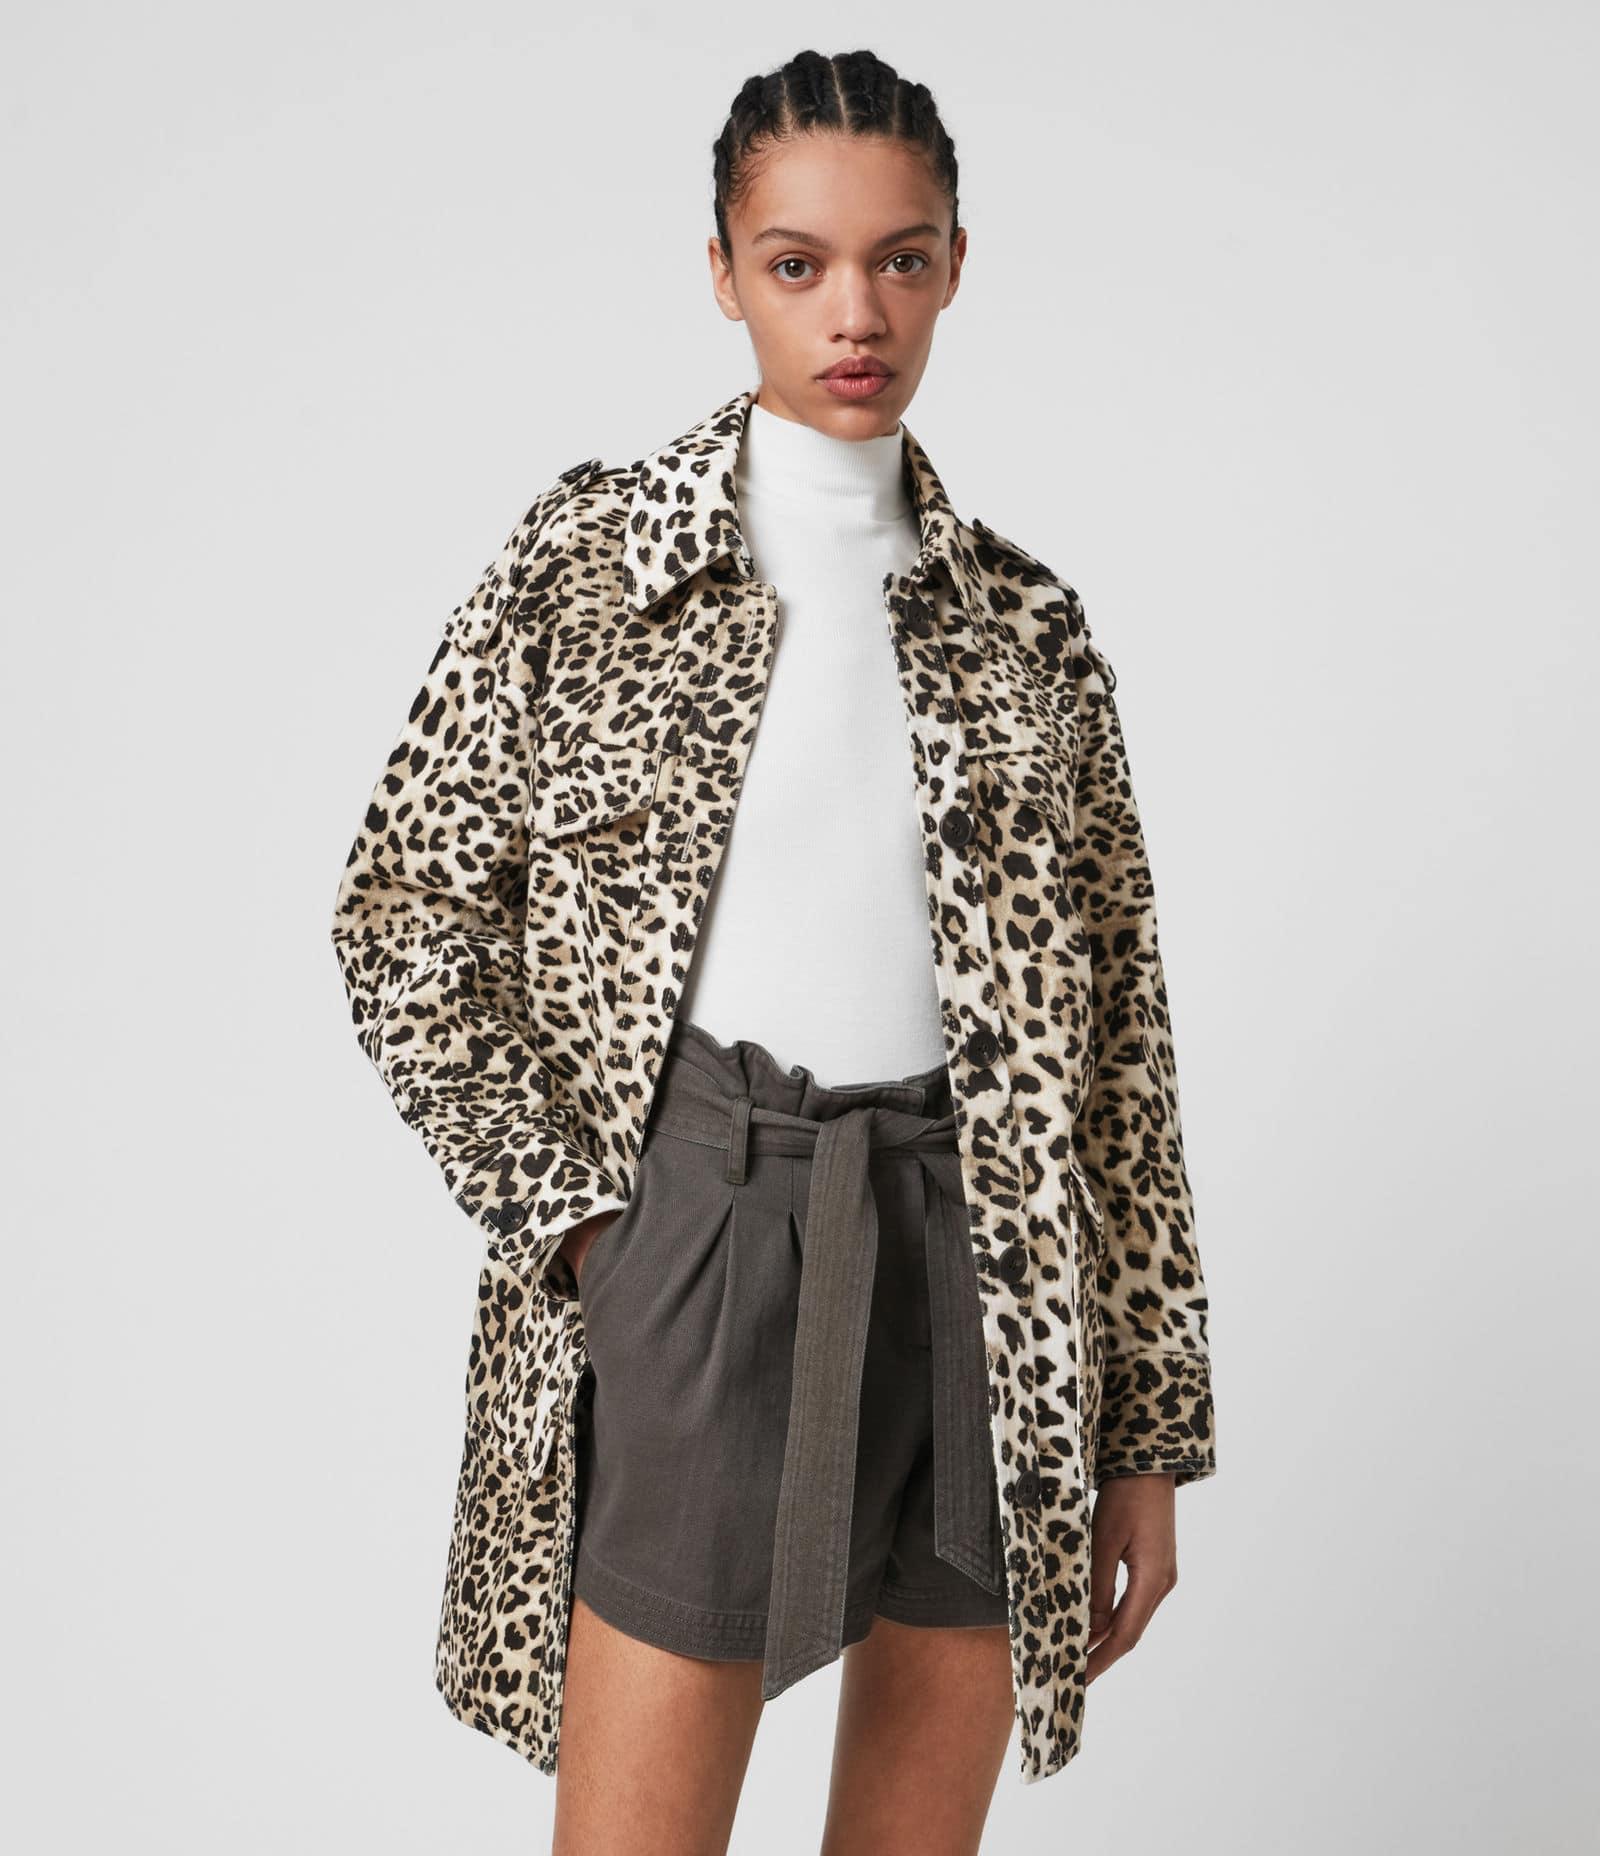 Veste en coton à imprimé léopard, All Saints, 75 €.